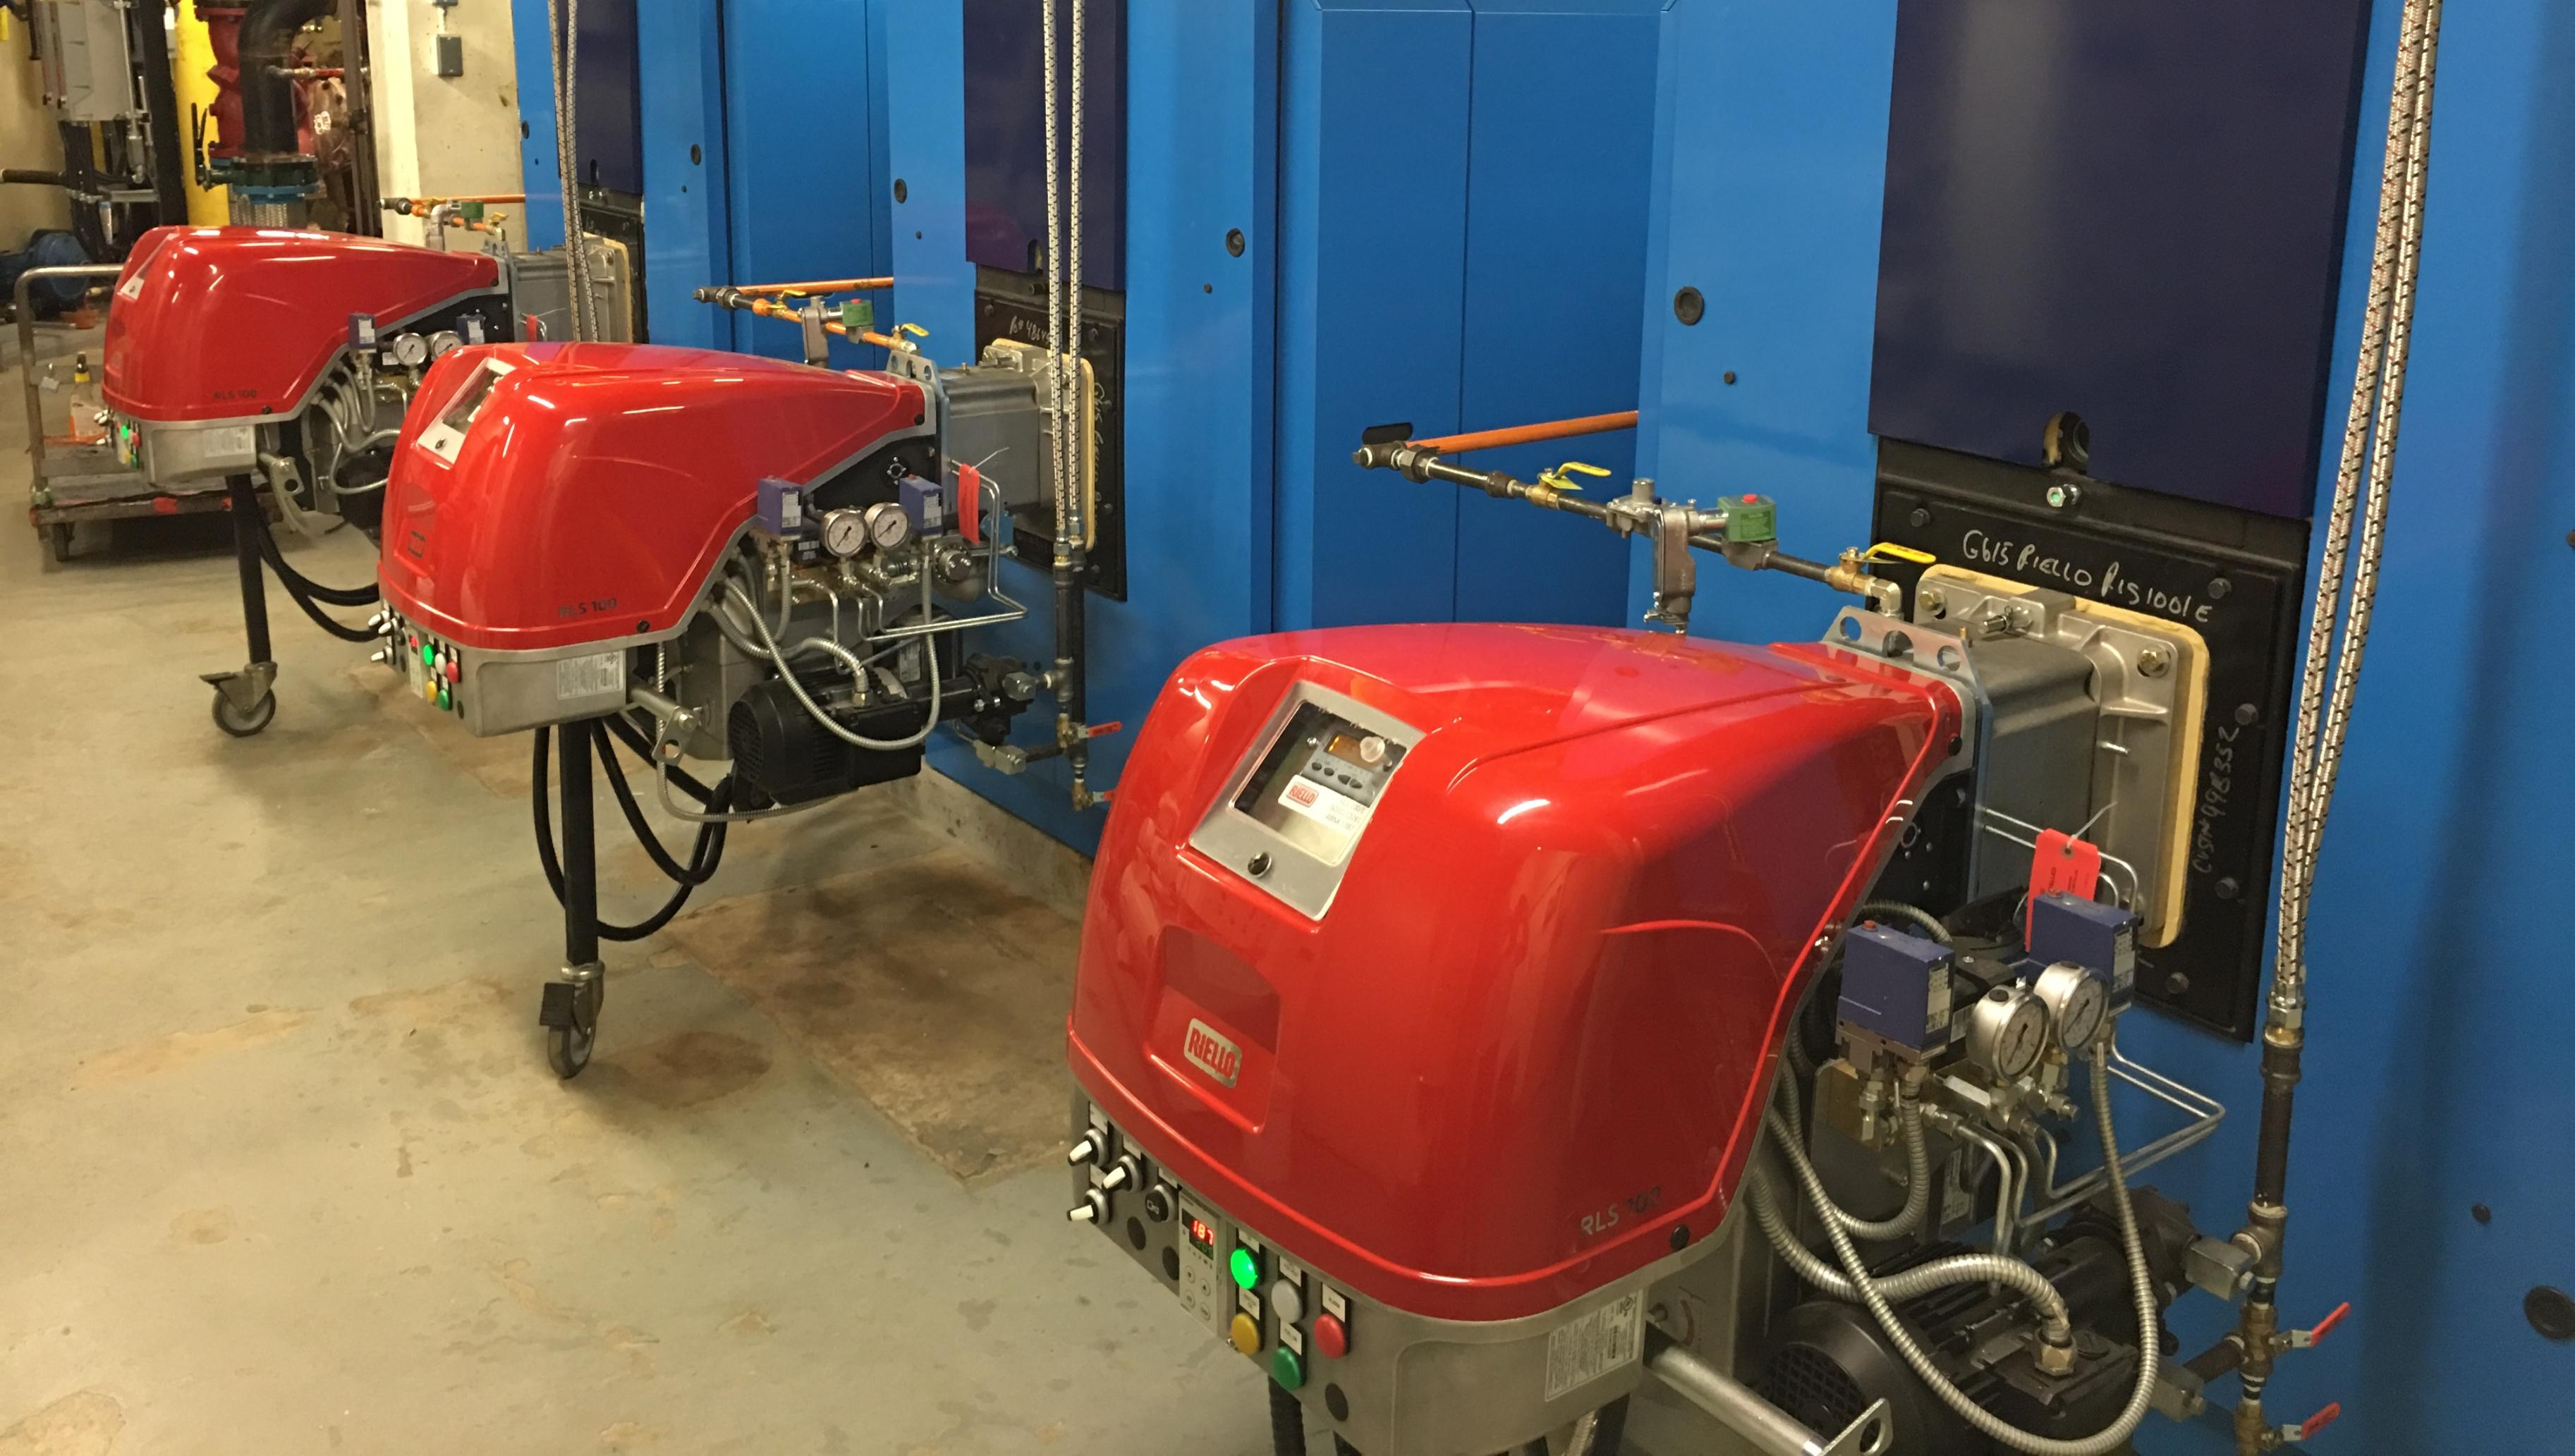 AHS-Vulcan Hospital-Riello RLS Dual Fuel Burners